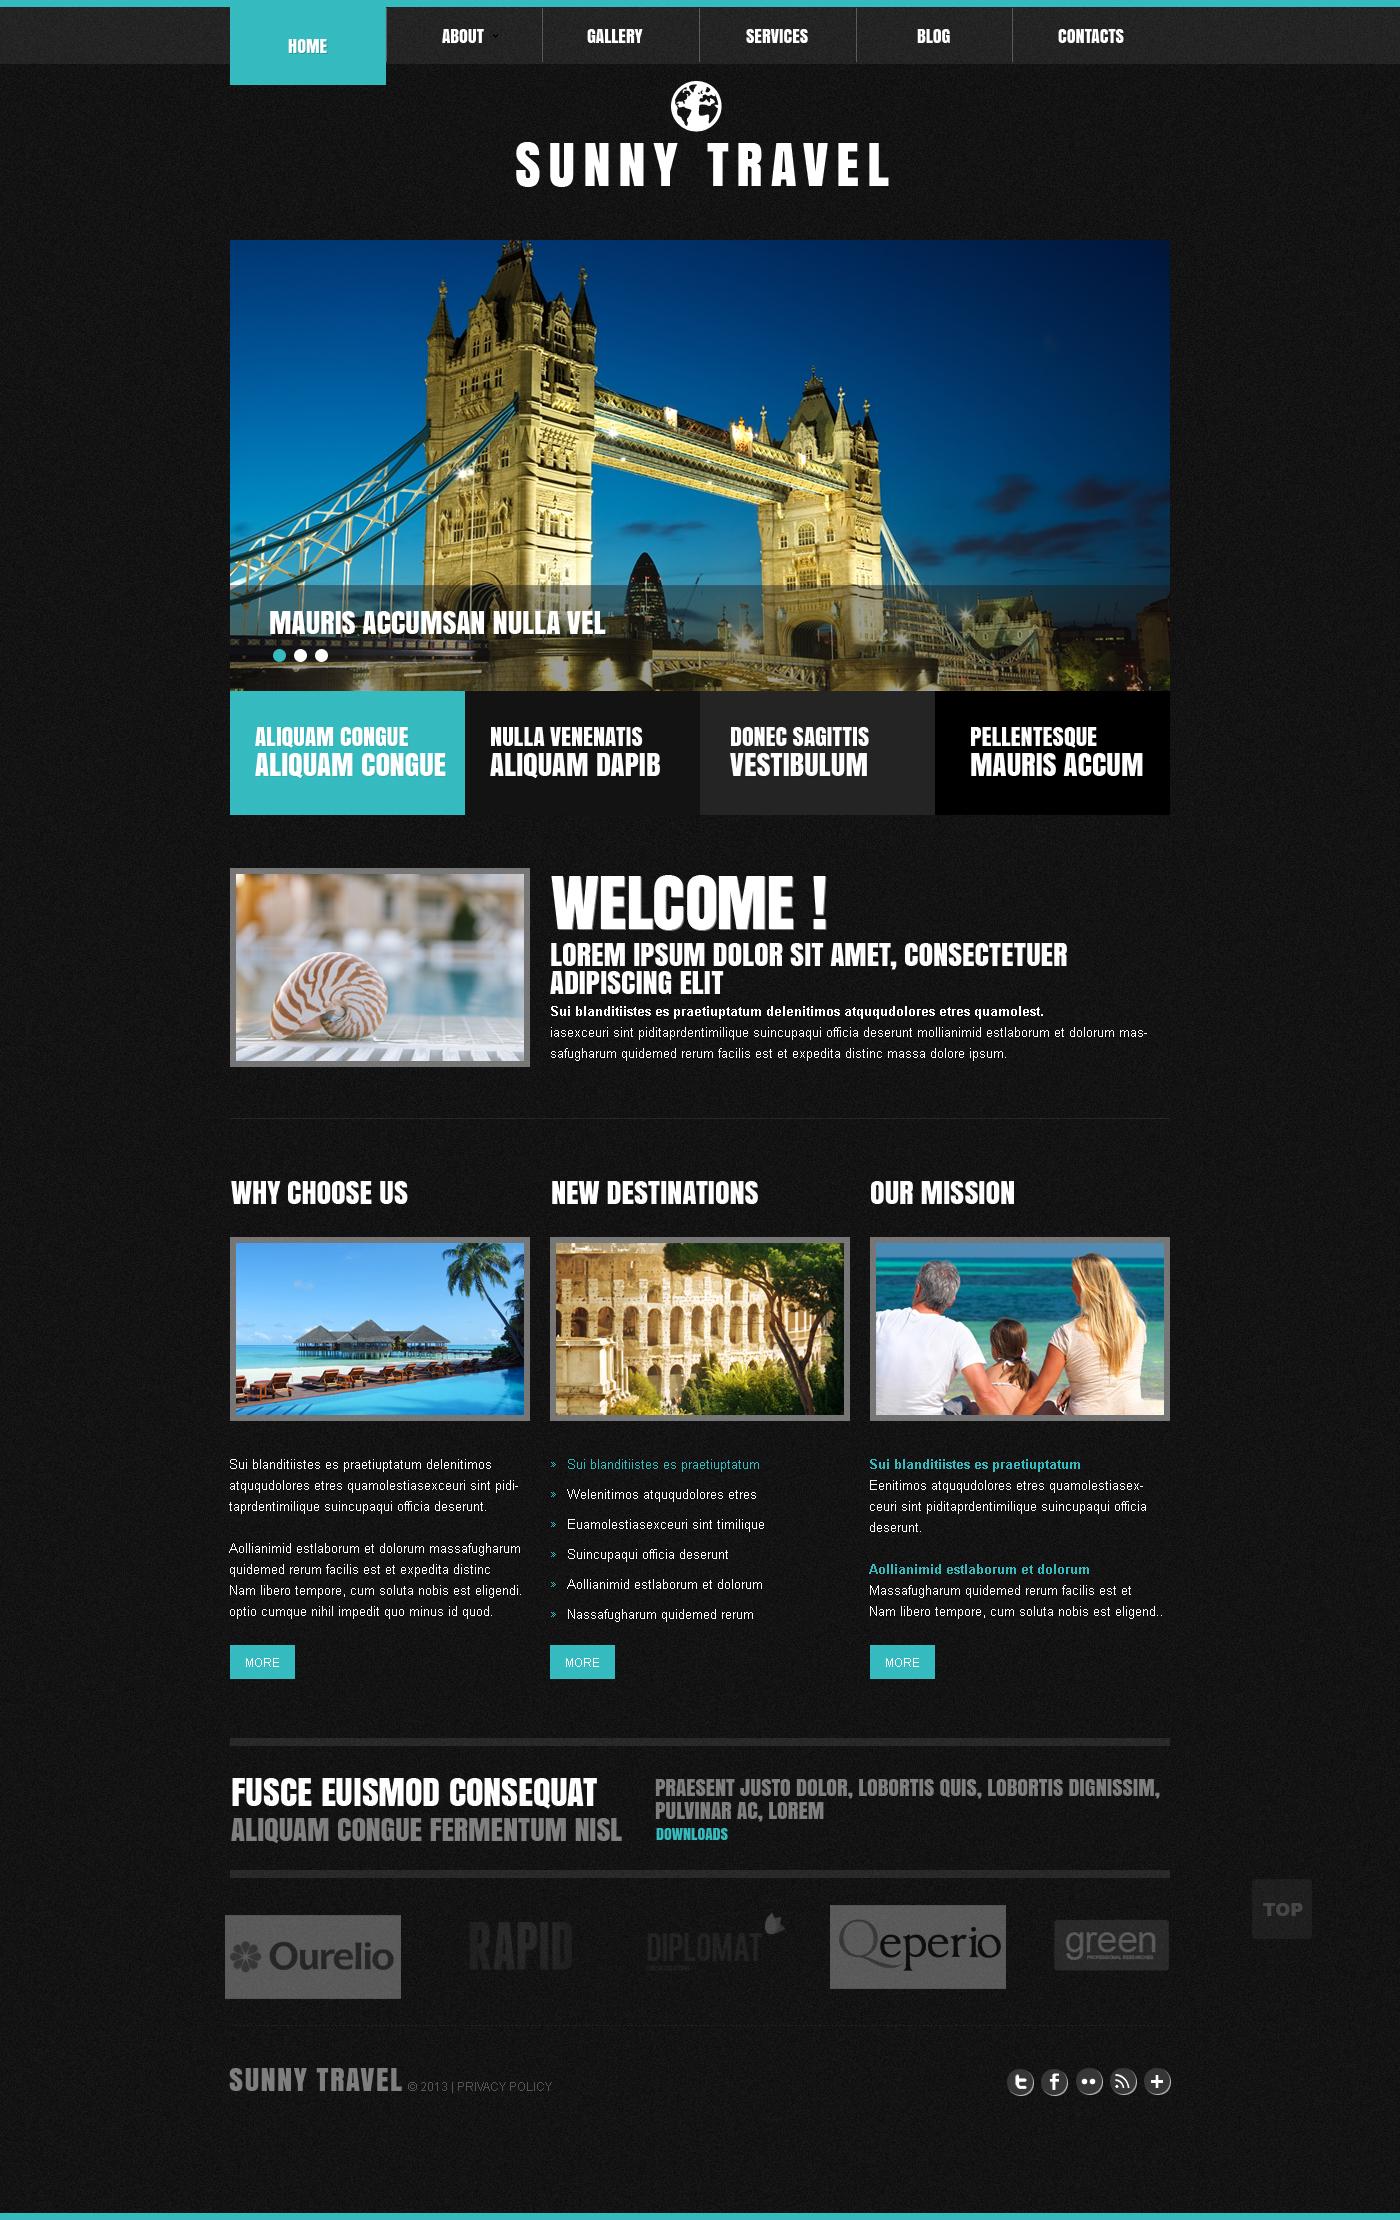 Plantilla Joomla Responsive para Sitio de Agencias de viajes #45500 - captura de pantalla